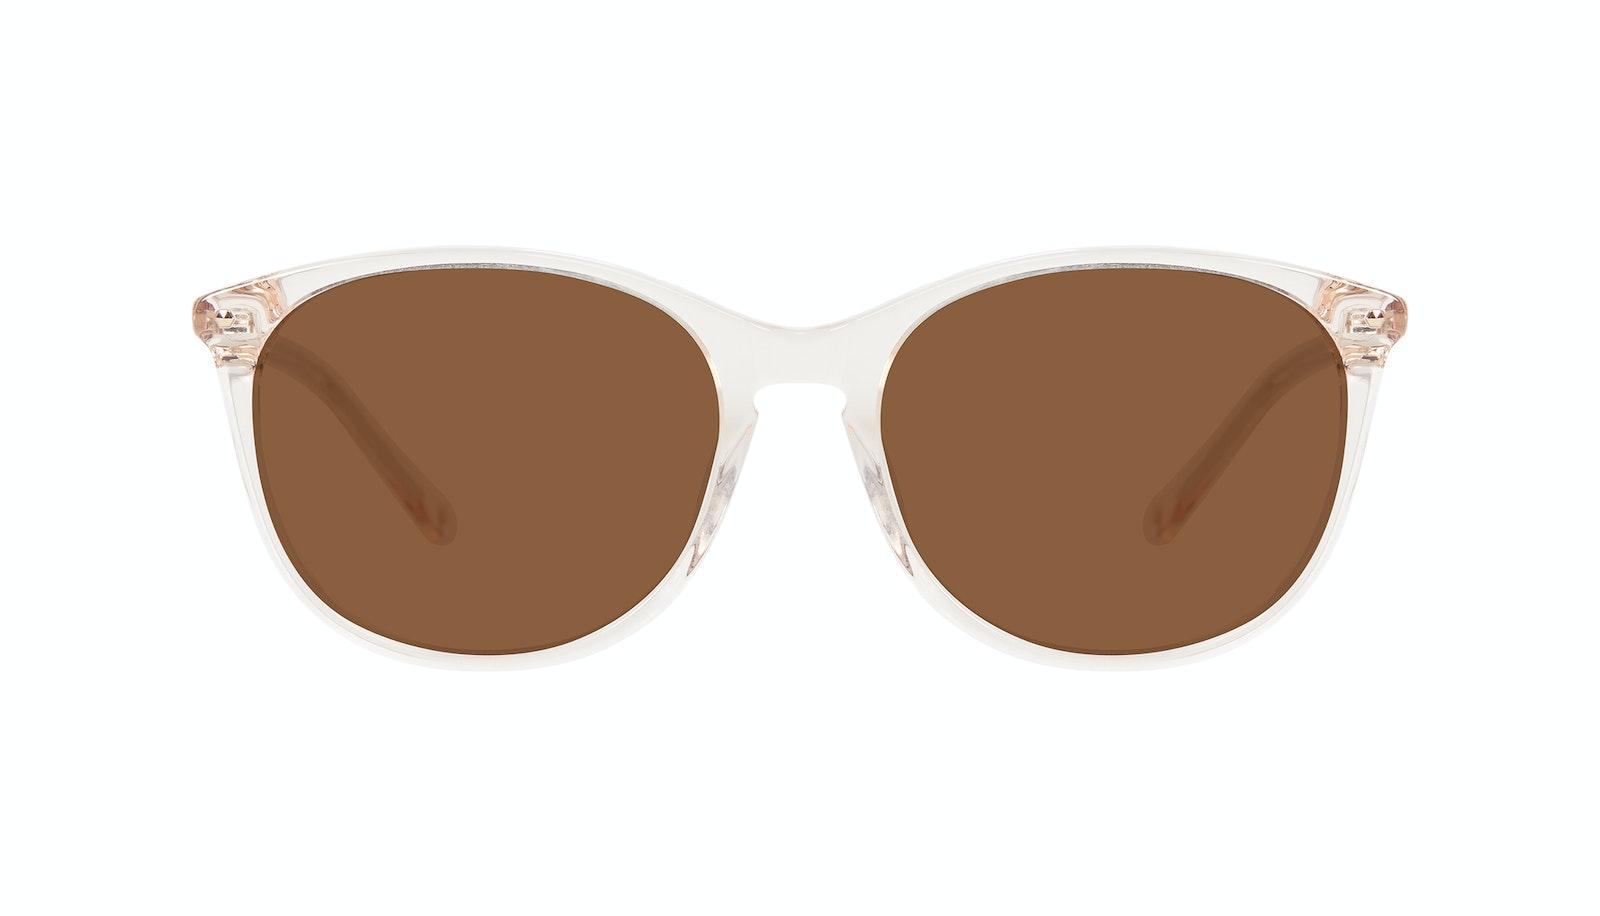 Affordable Fashion Glasses Rectangle Square Round Sunglasses Women Nadine Prosecco